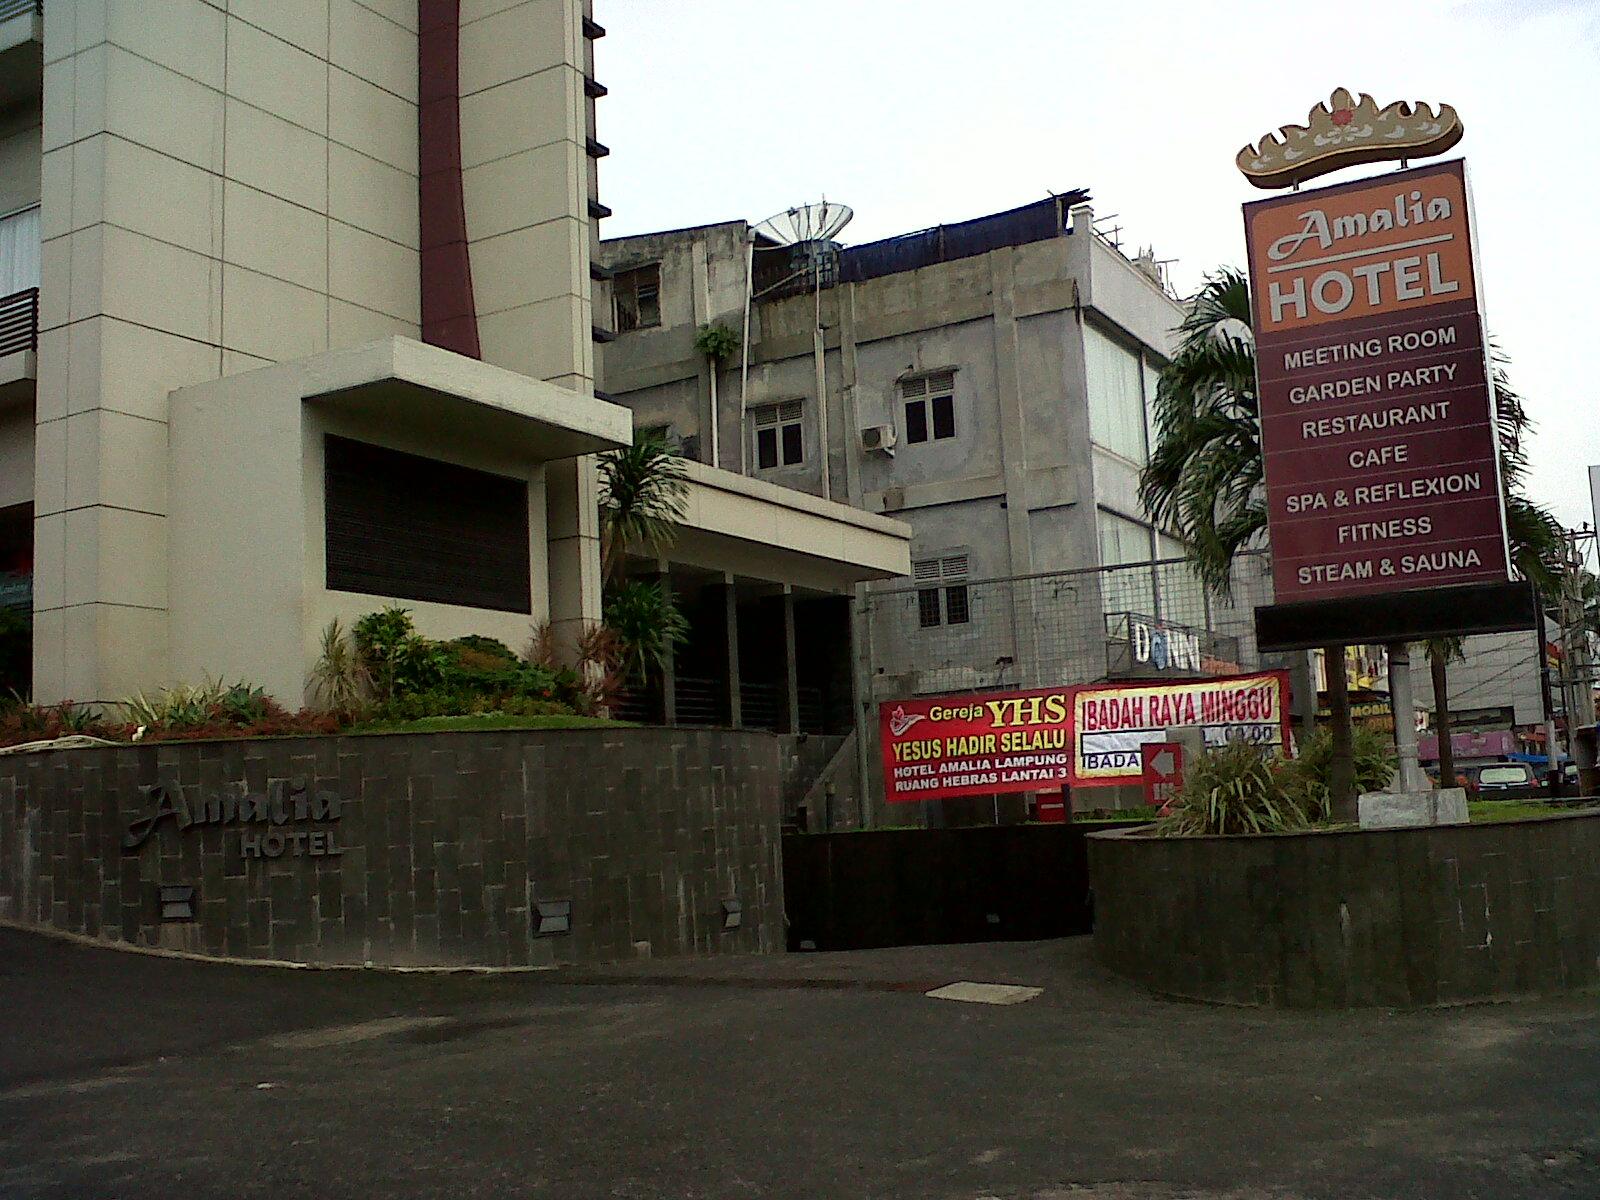 Muhammad Rizky Hotel Amalia Penginpan Lampung Nyaman Hangat Aman Museum